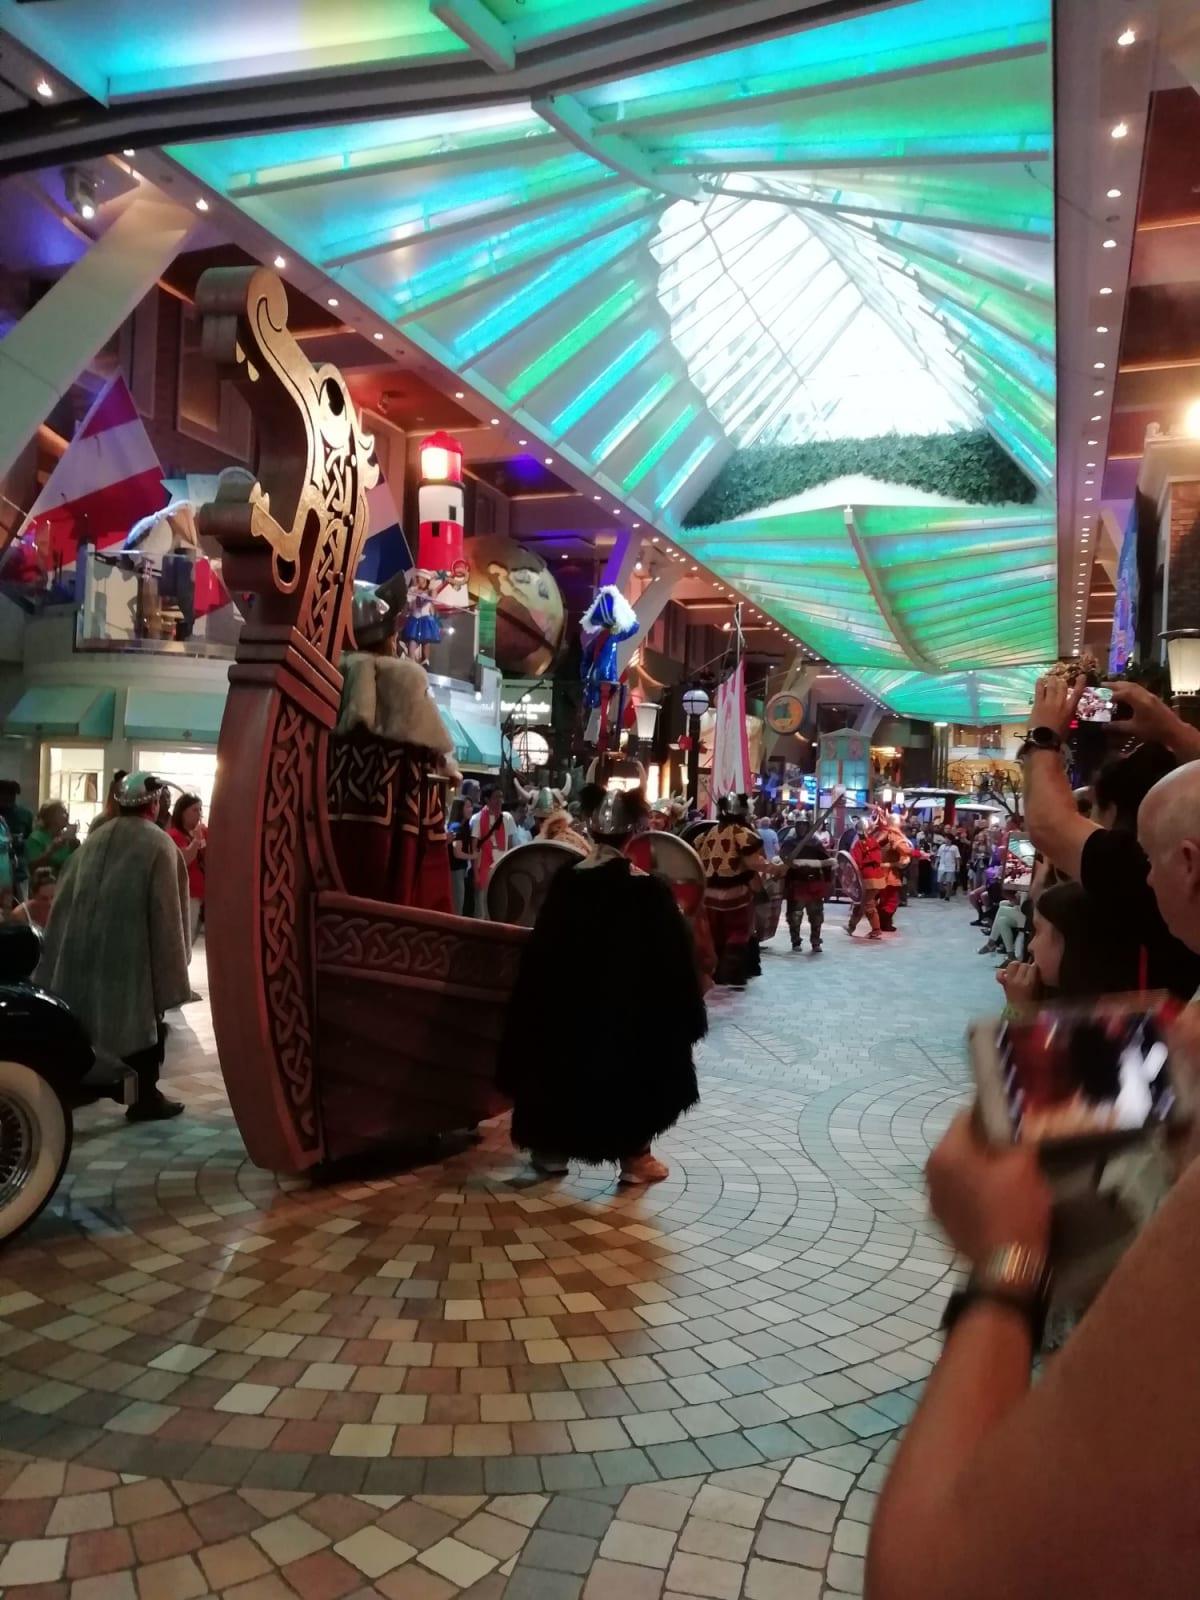 ドリームワークスのパレードに代わる新しいパレードです。 | 客船オアシス・オブ・ザ・シーズの船内施設